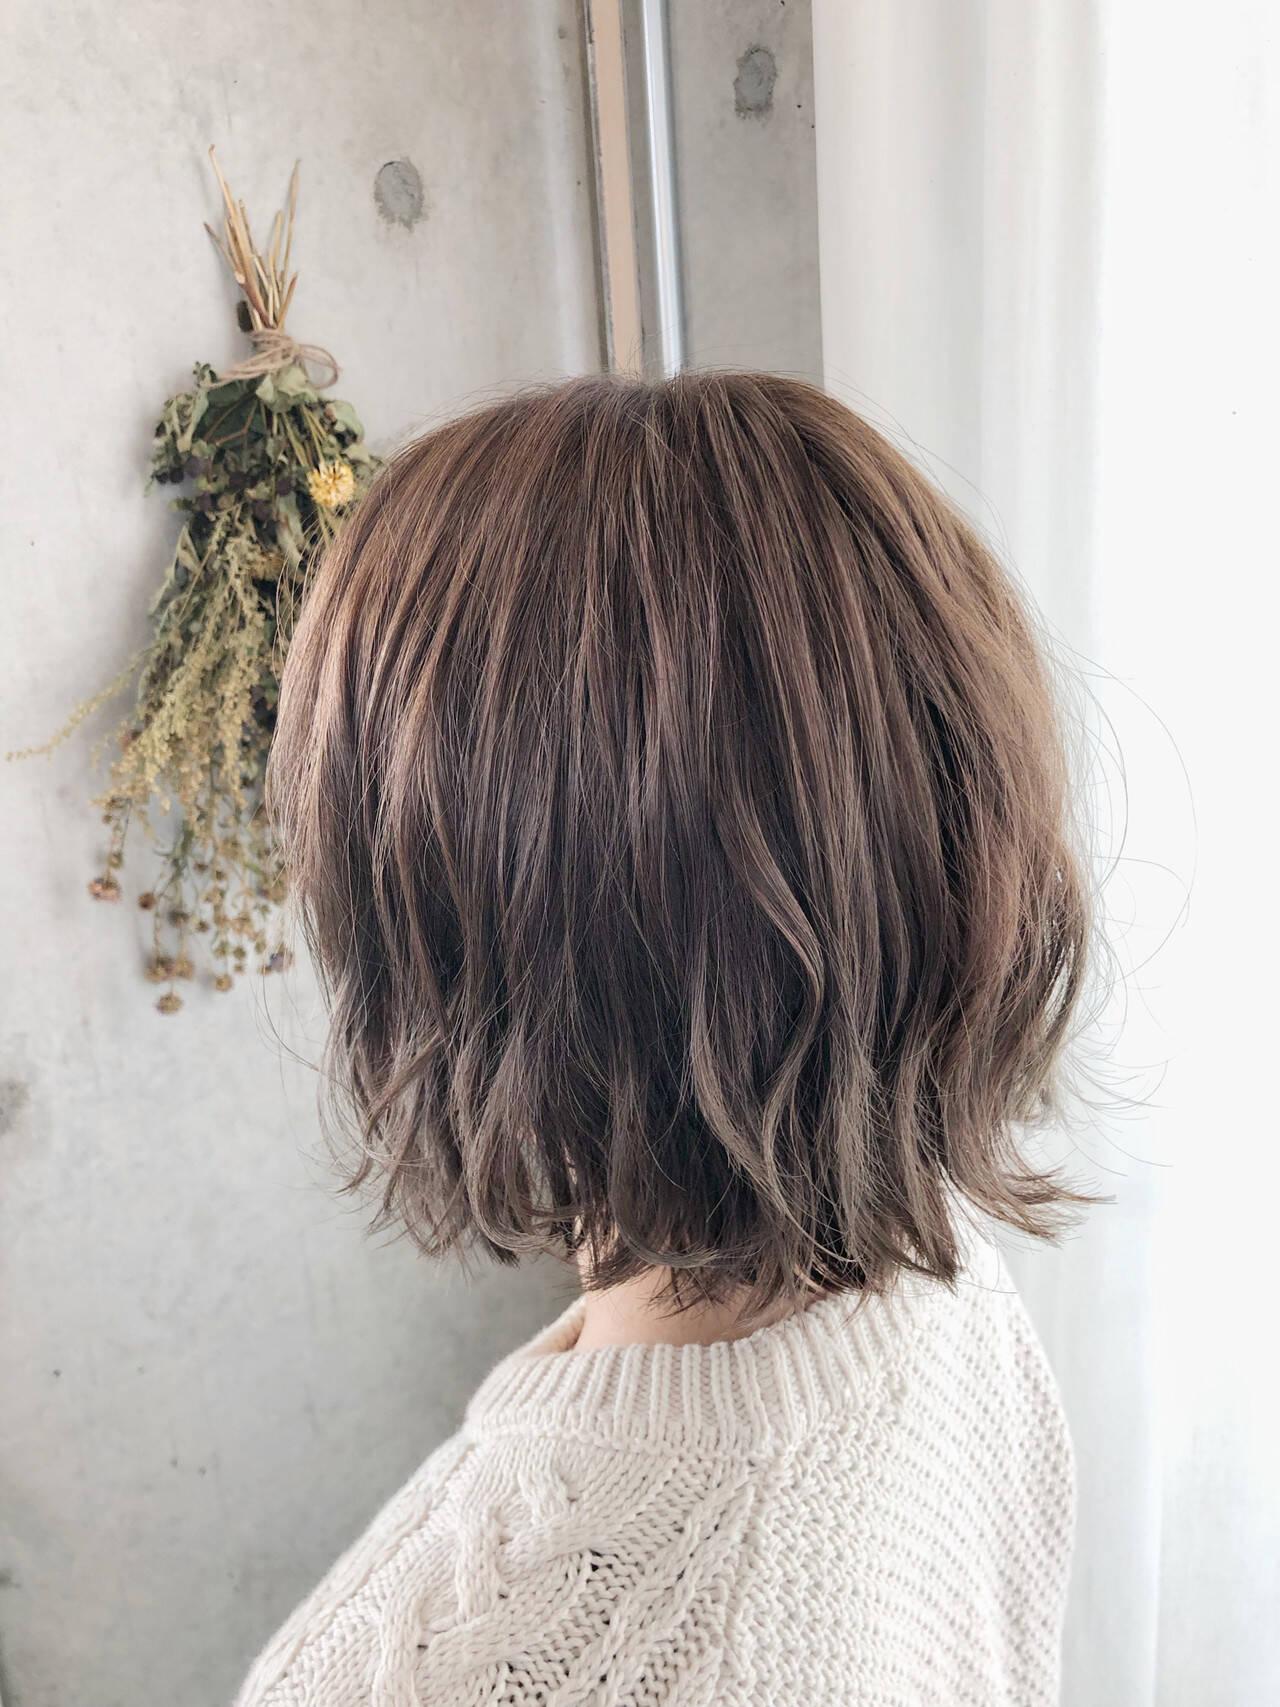 イルミナカラー 透明感カラー フェミニン ヘアカラーヘアスタイルや髪型の写真・画像